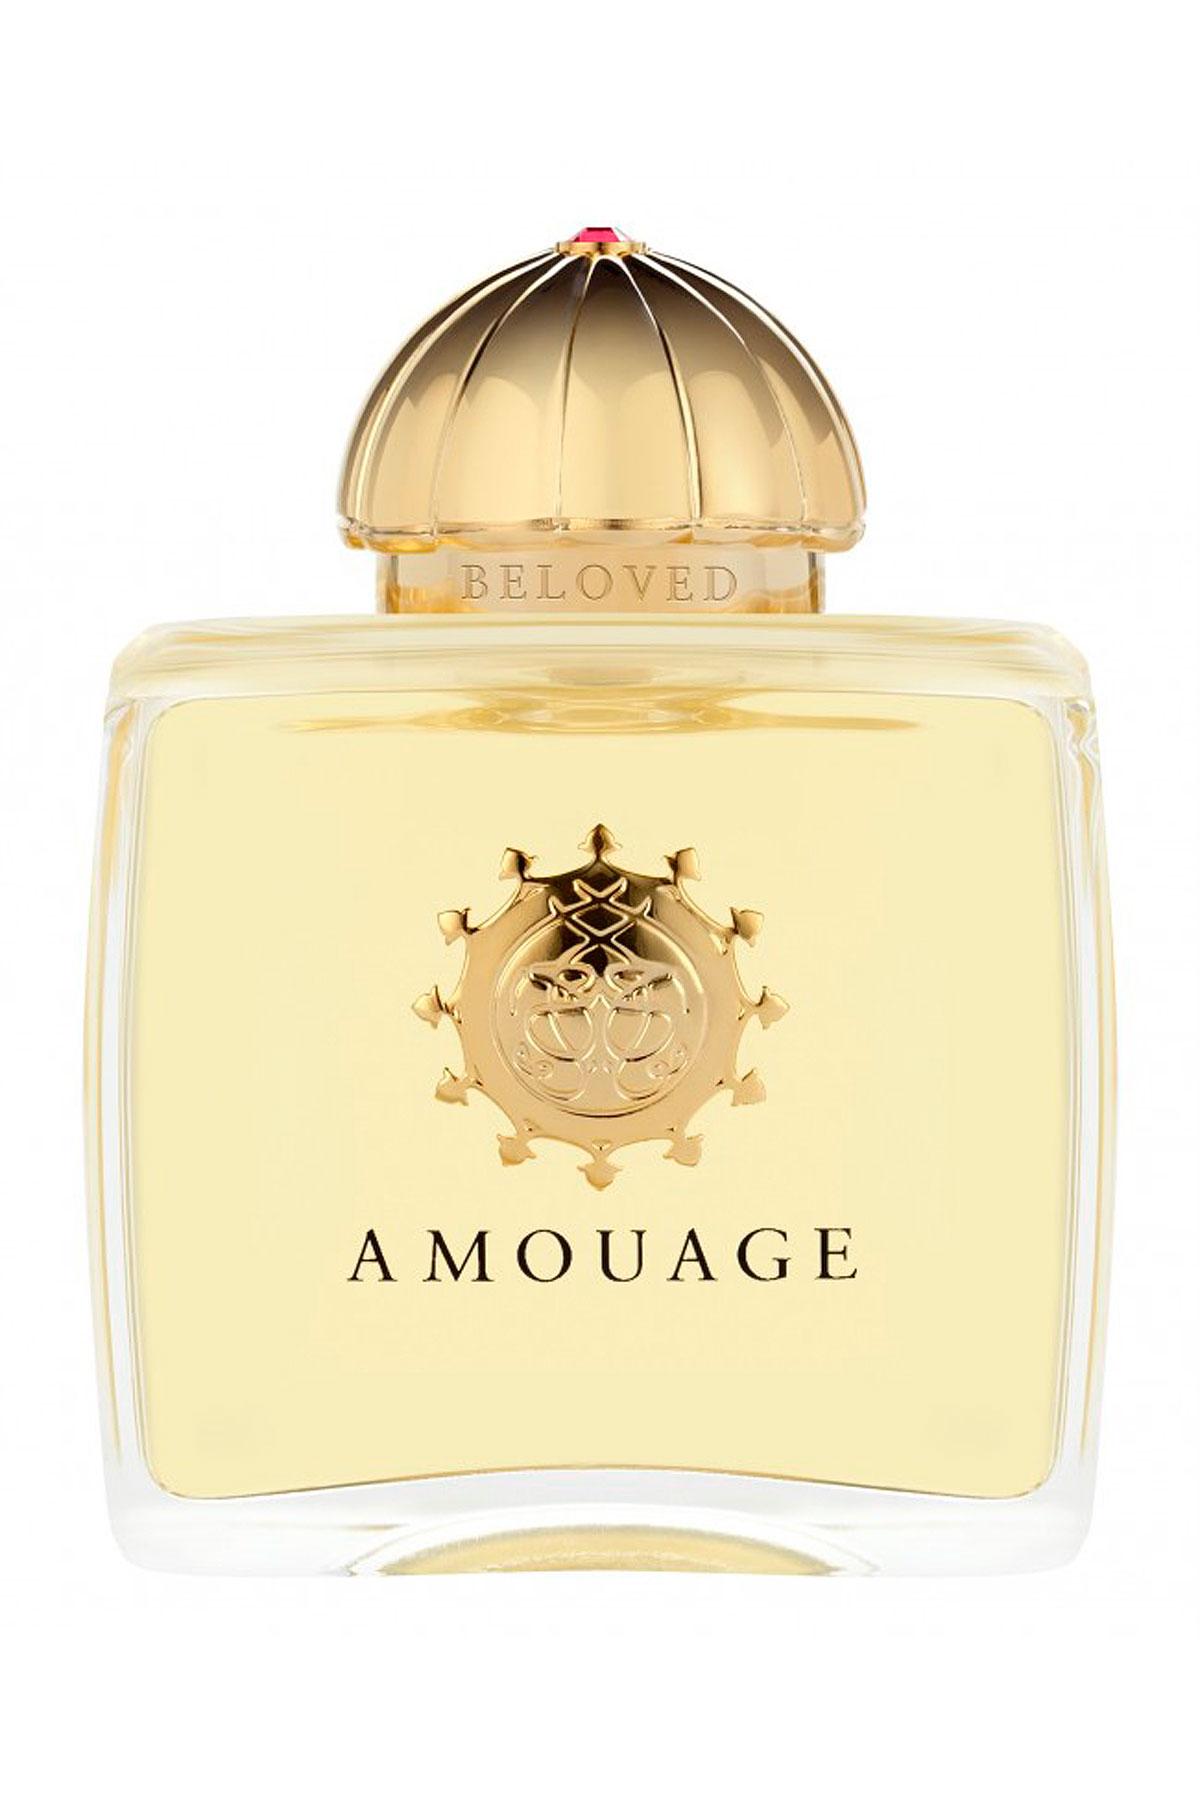 Amouage Fragrances for Women, Beloved Woman - Eau De Parfum - 100 Ml, 2019, 100 ml